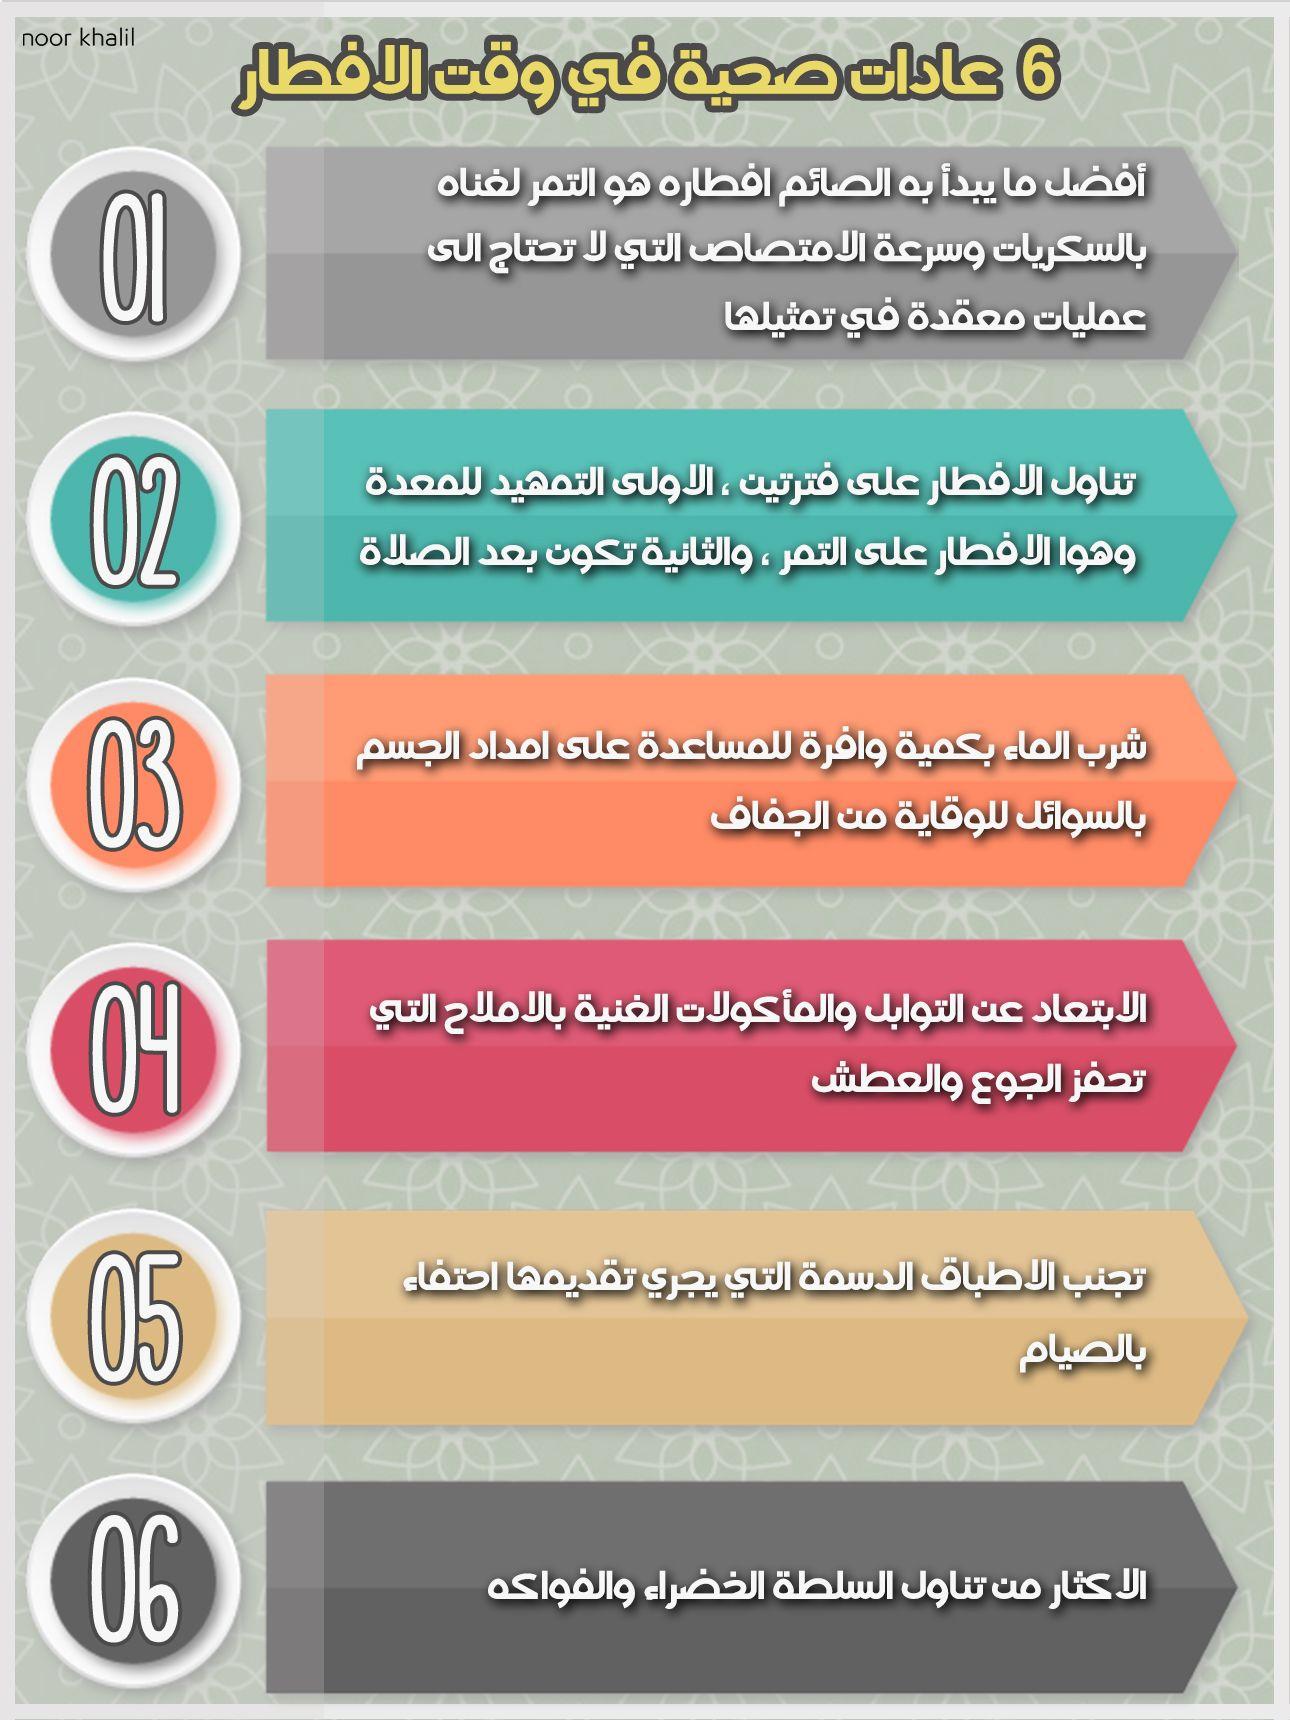 ست ة عادات صحية في وقت الافطار Best Ramadan Quotes Ramadan Quotes Ramadan